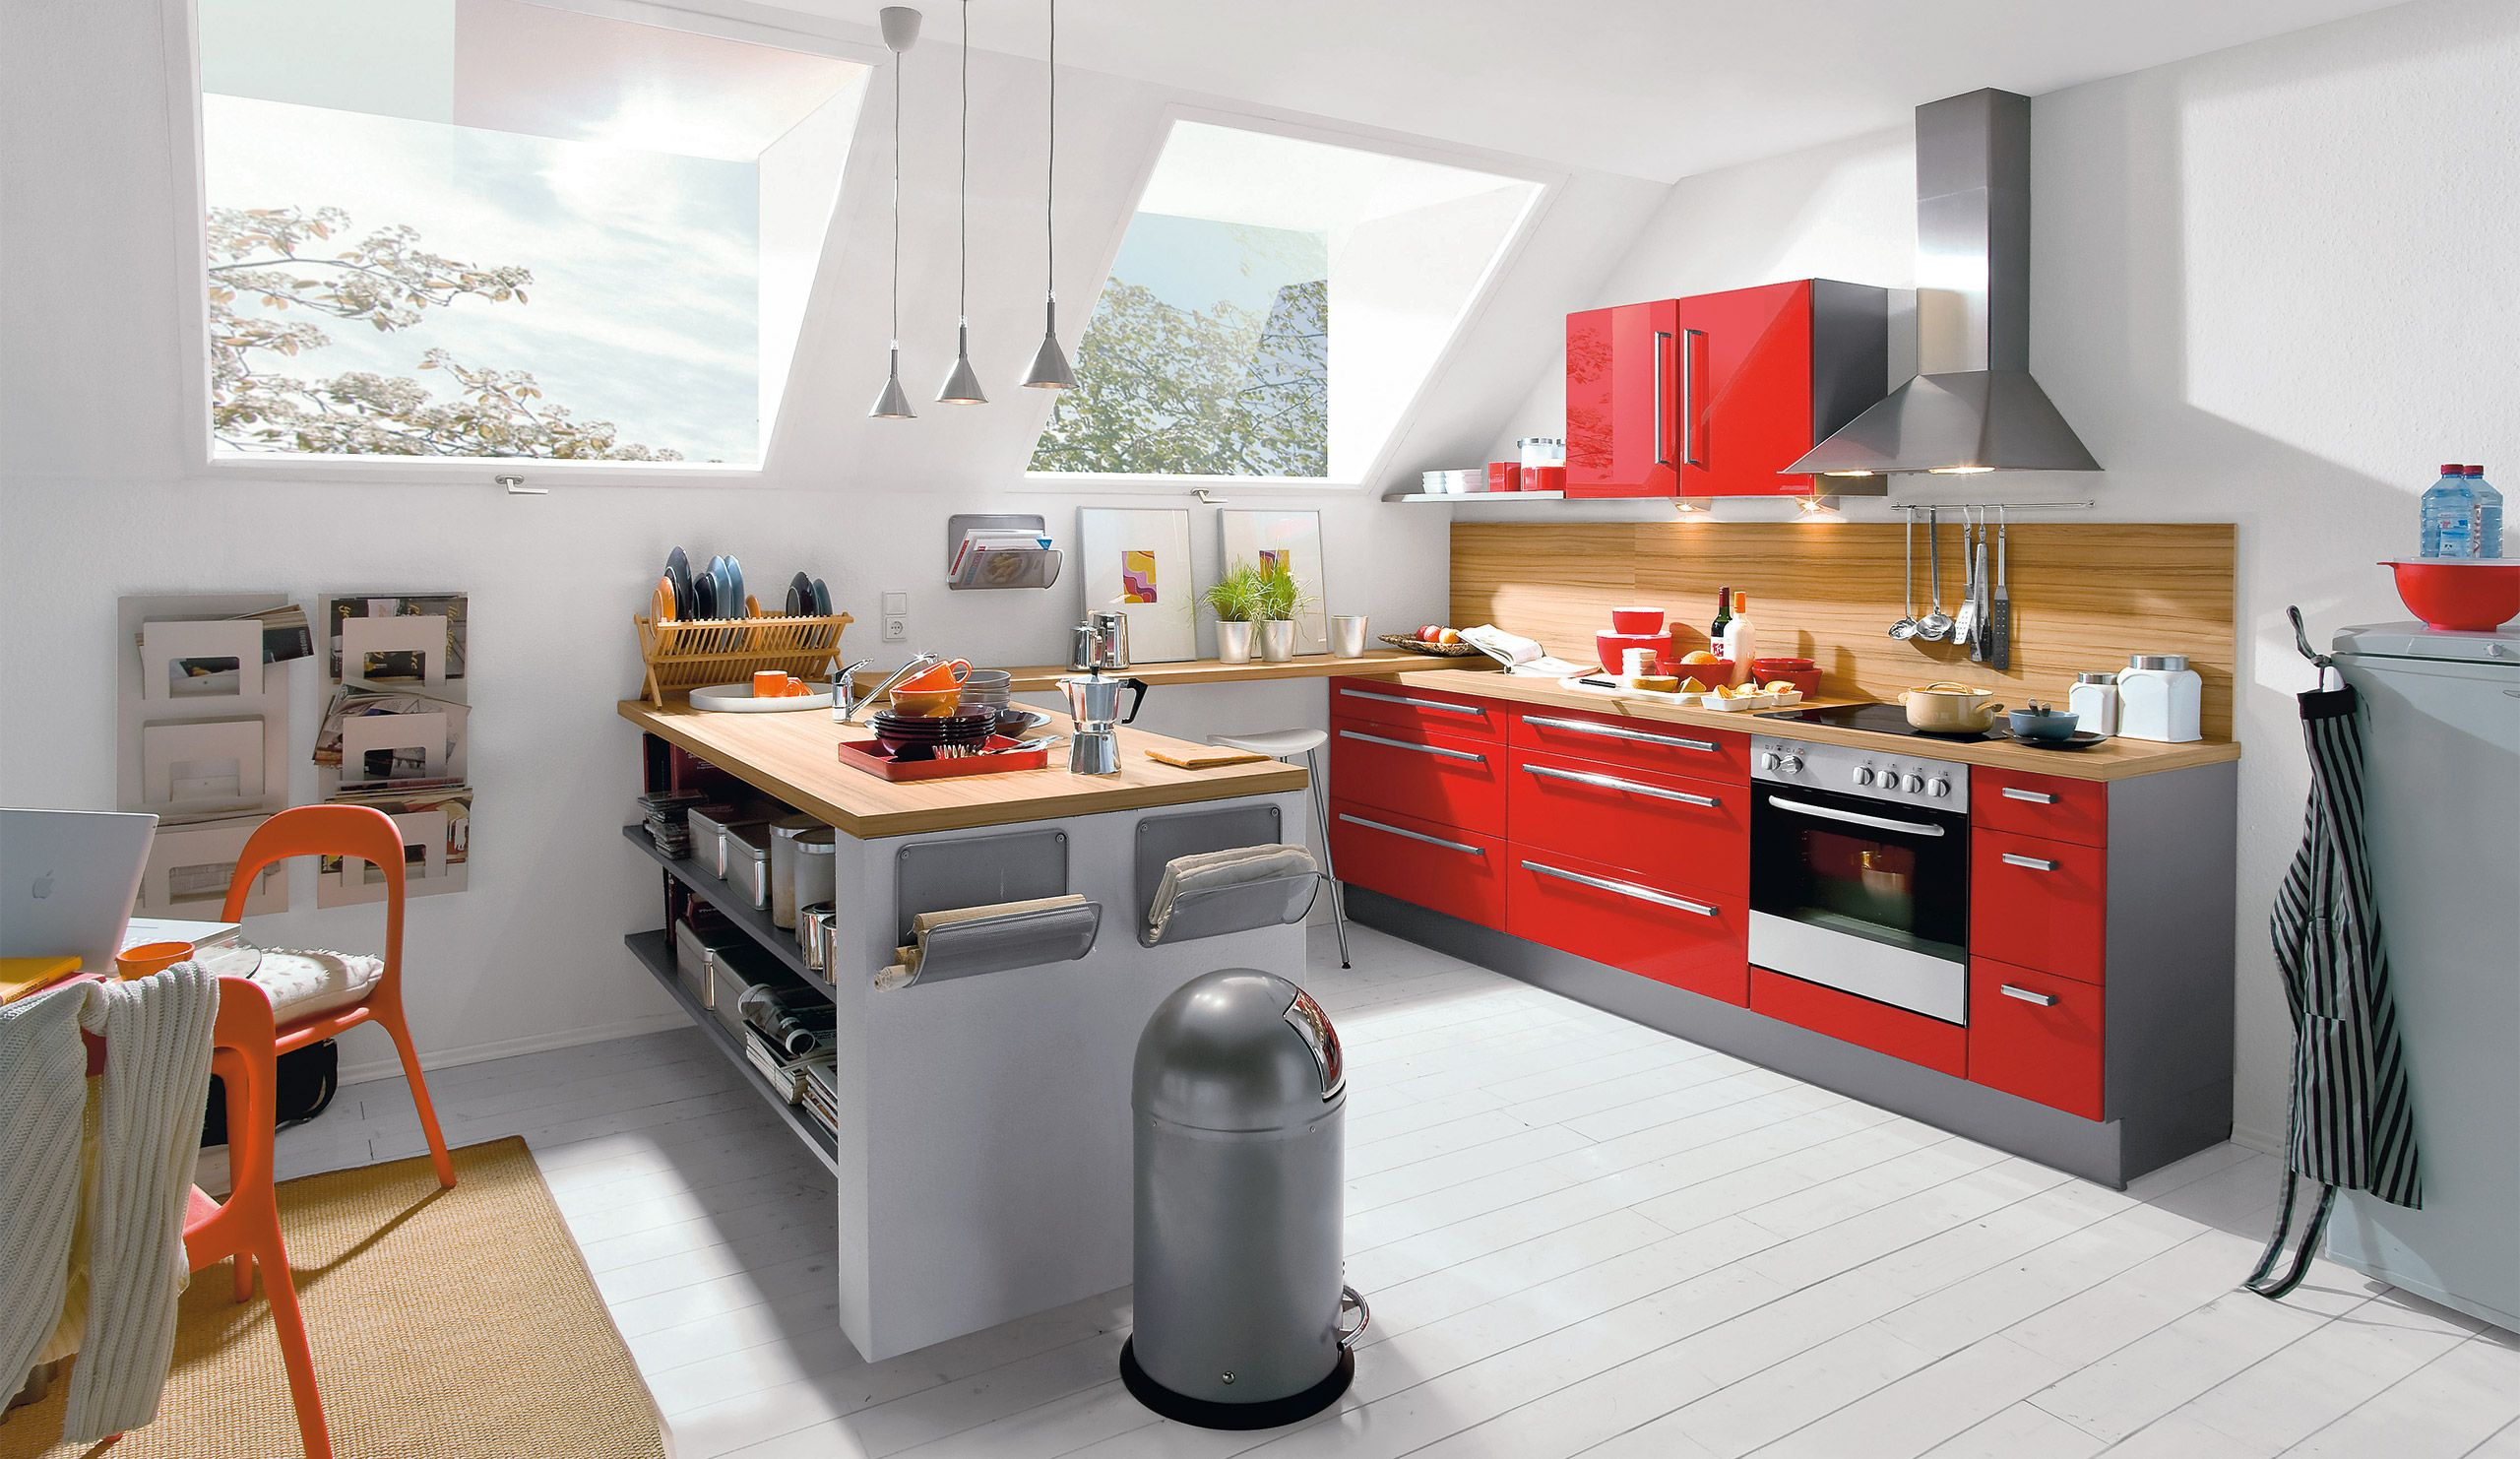 Single einbaukche top kitchen table wisdom attractive for Einbaukuche kleiner raum